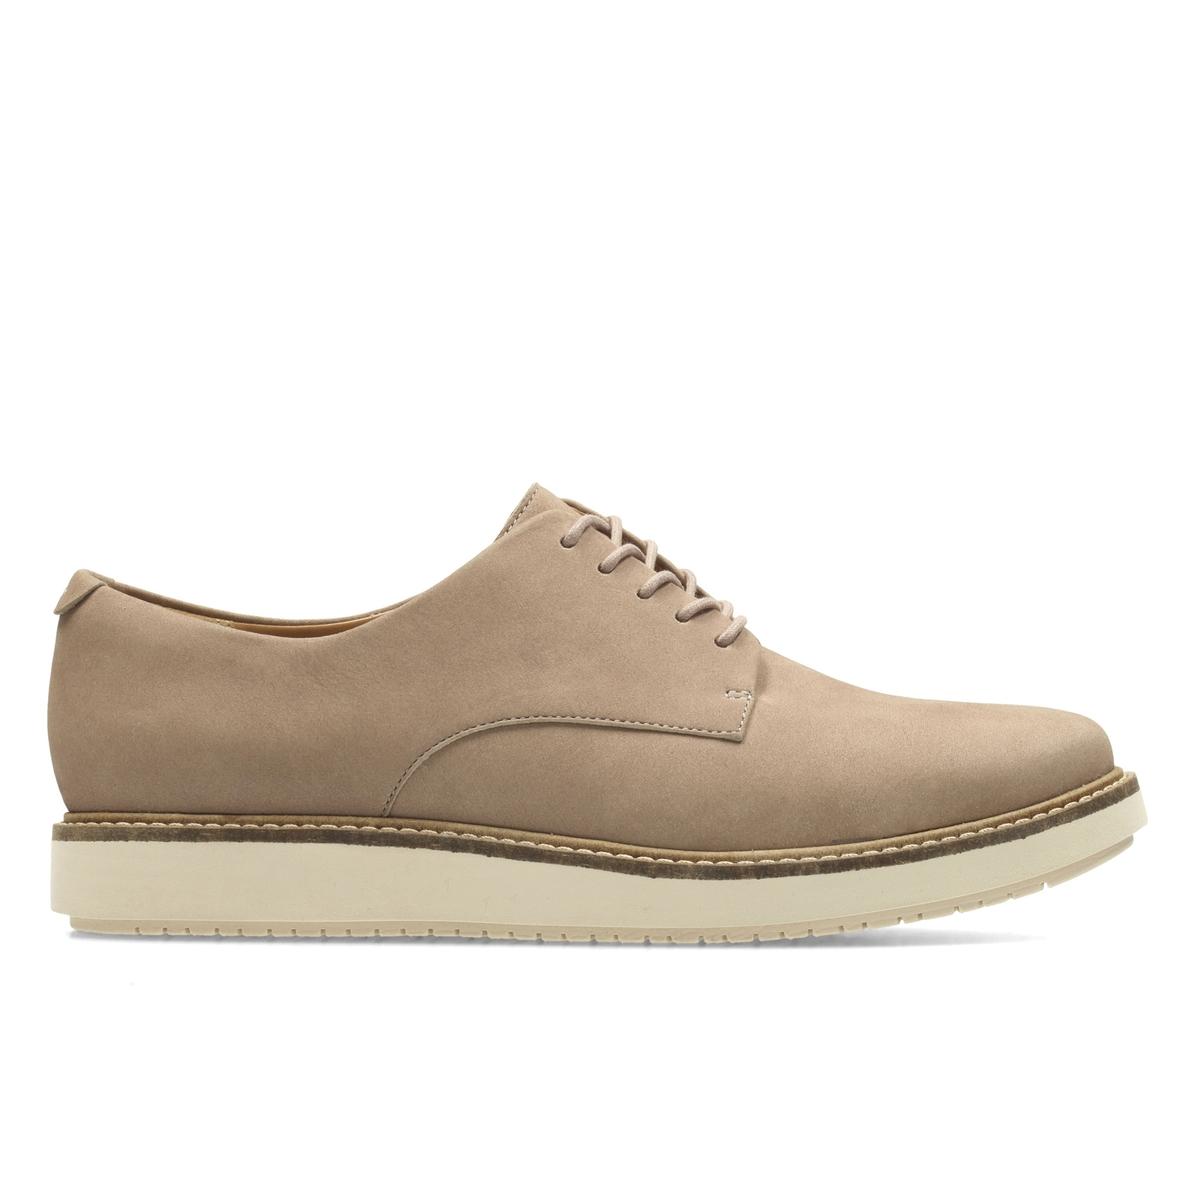 Ботинки-дерби кожаные Glick Darby ботинки дерби кожаные glick darby